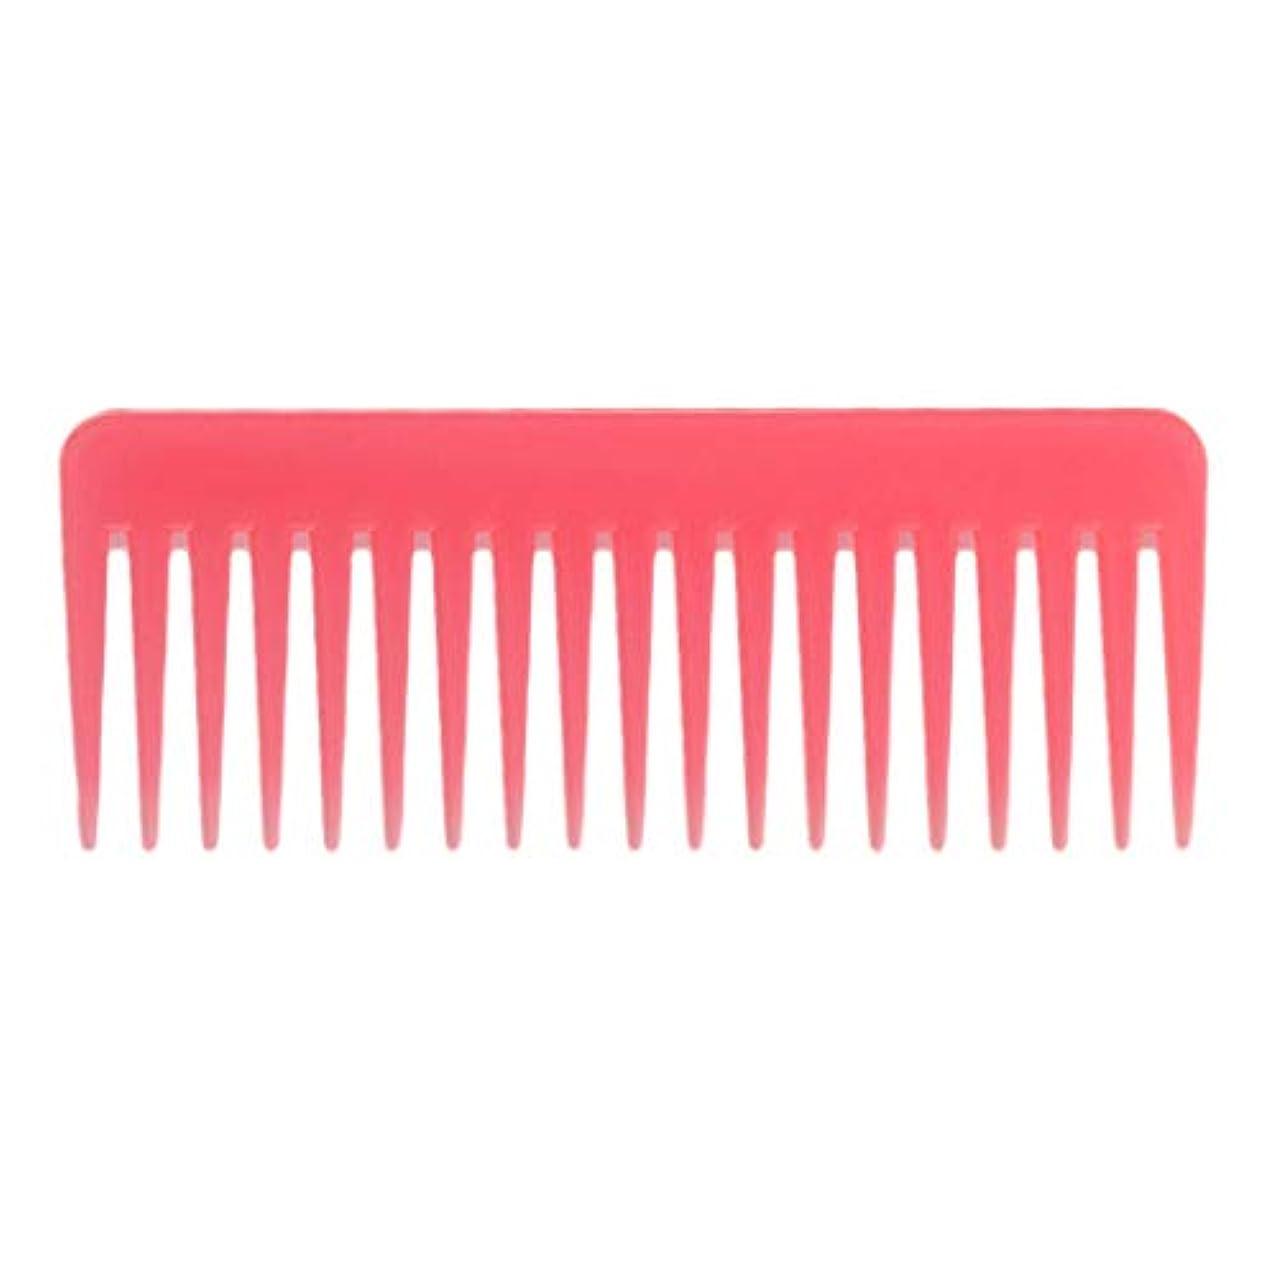 祝うギャラントリー責巻き毛の太い髪用の広い歯のもつれのくしサロンシャンプーヘアブラシくし、6.1 ' - ピンク